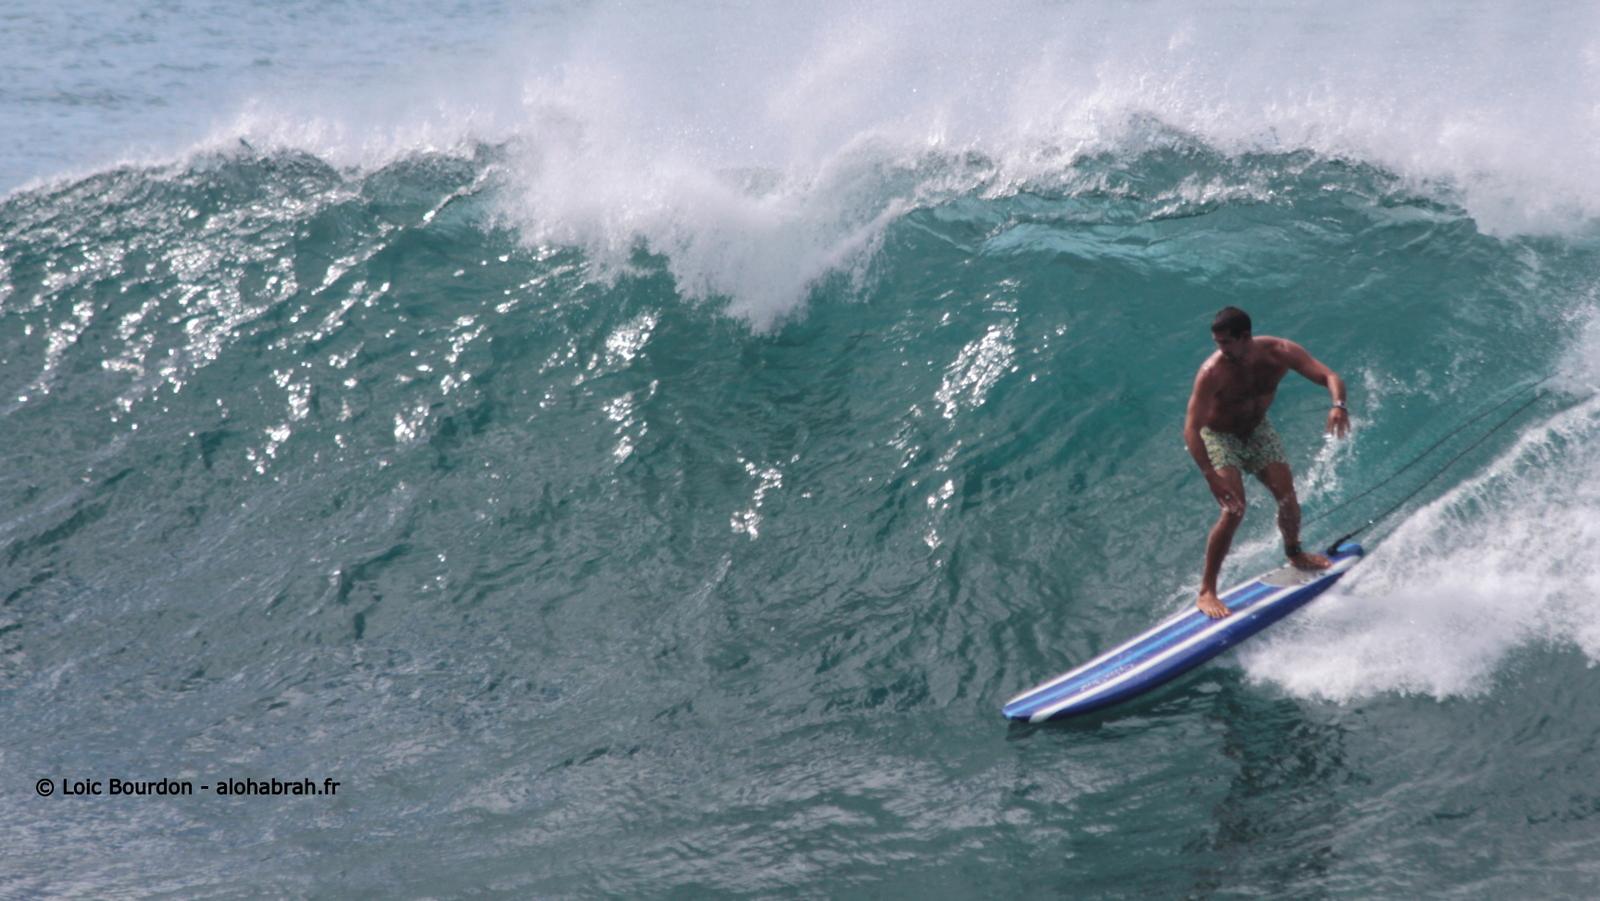 Avec un longboard en mousse, le gars gérais très bien son affaire a Pinball le petit Waimea © Loic Bourdon - alohabrah.fr